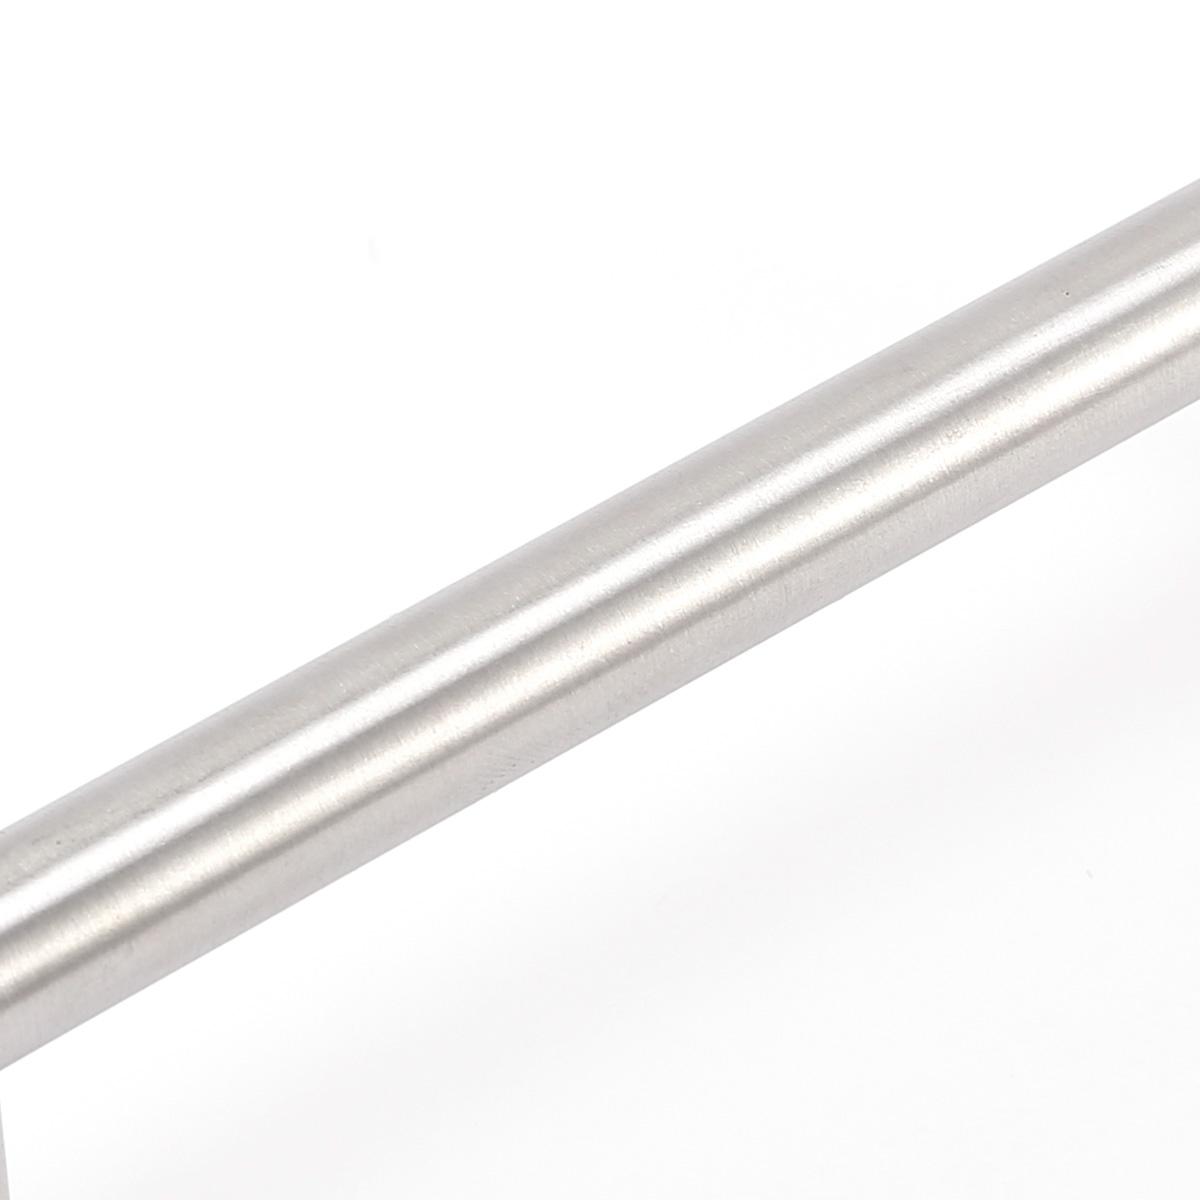 """10x Stainless Steel T bar Kitchen Cabinet Door Handles Drawer Pulls Knobs 3.7-5/"""""""